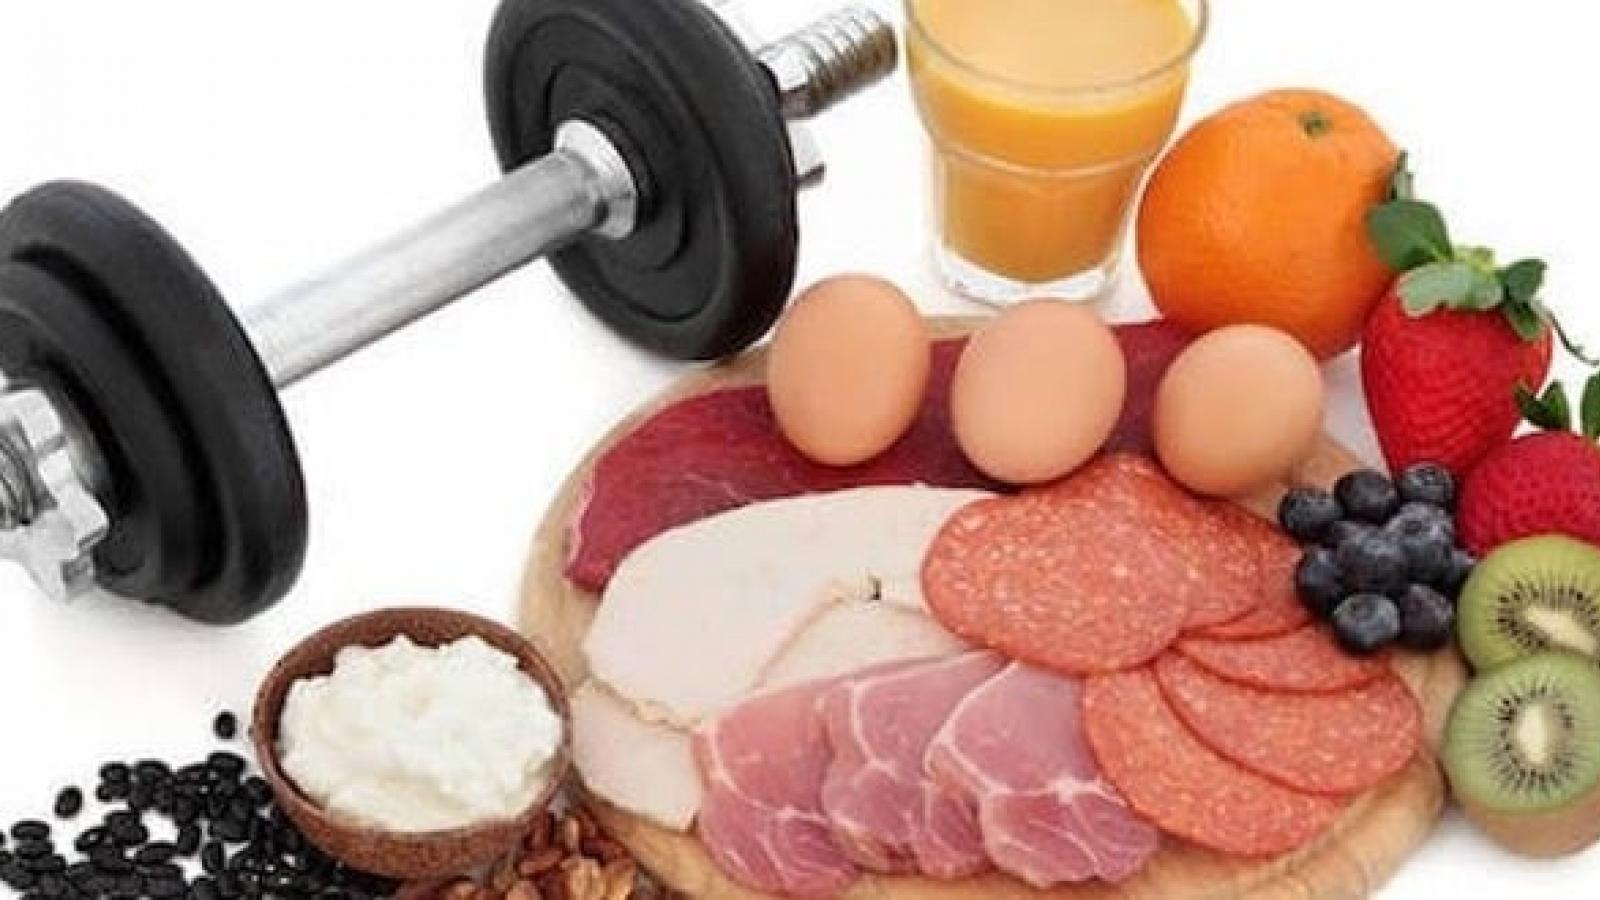 Dinh dưỡng hợp lý khi tăng cường vận động ở nhà mùa dịch bệnh